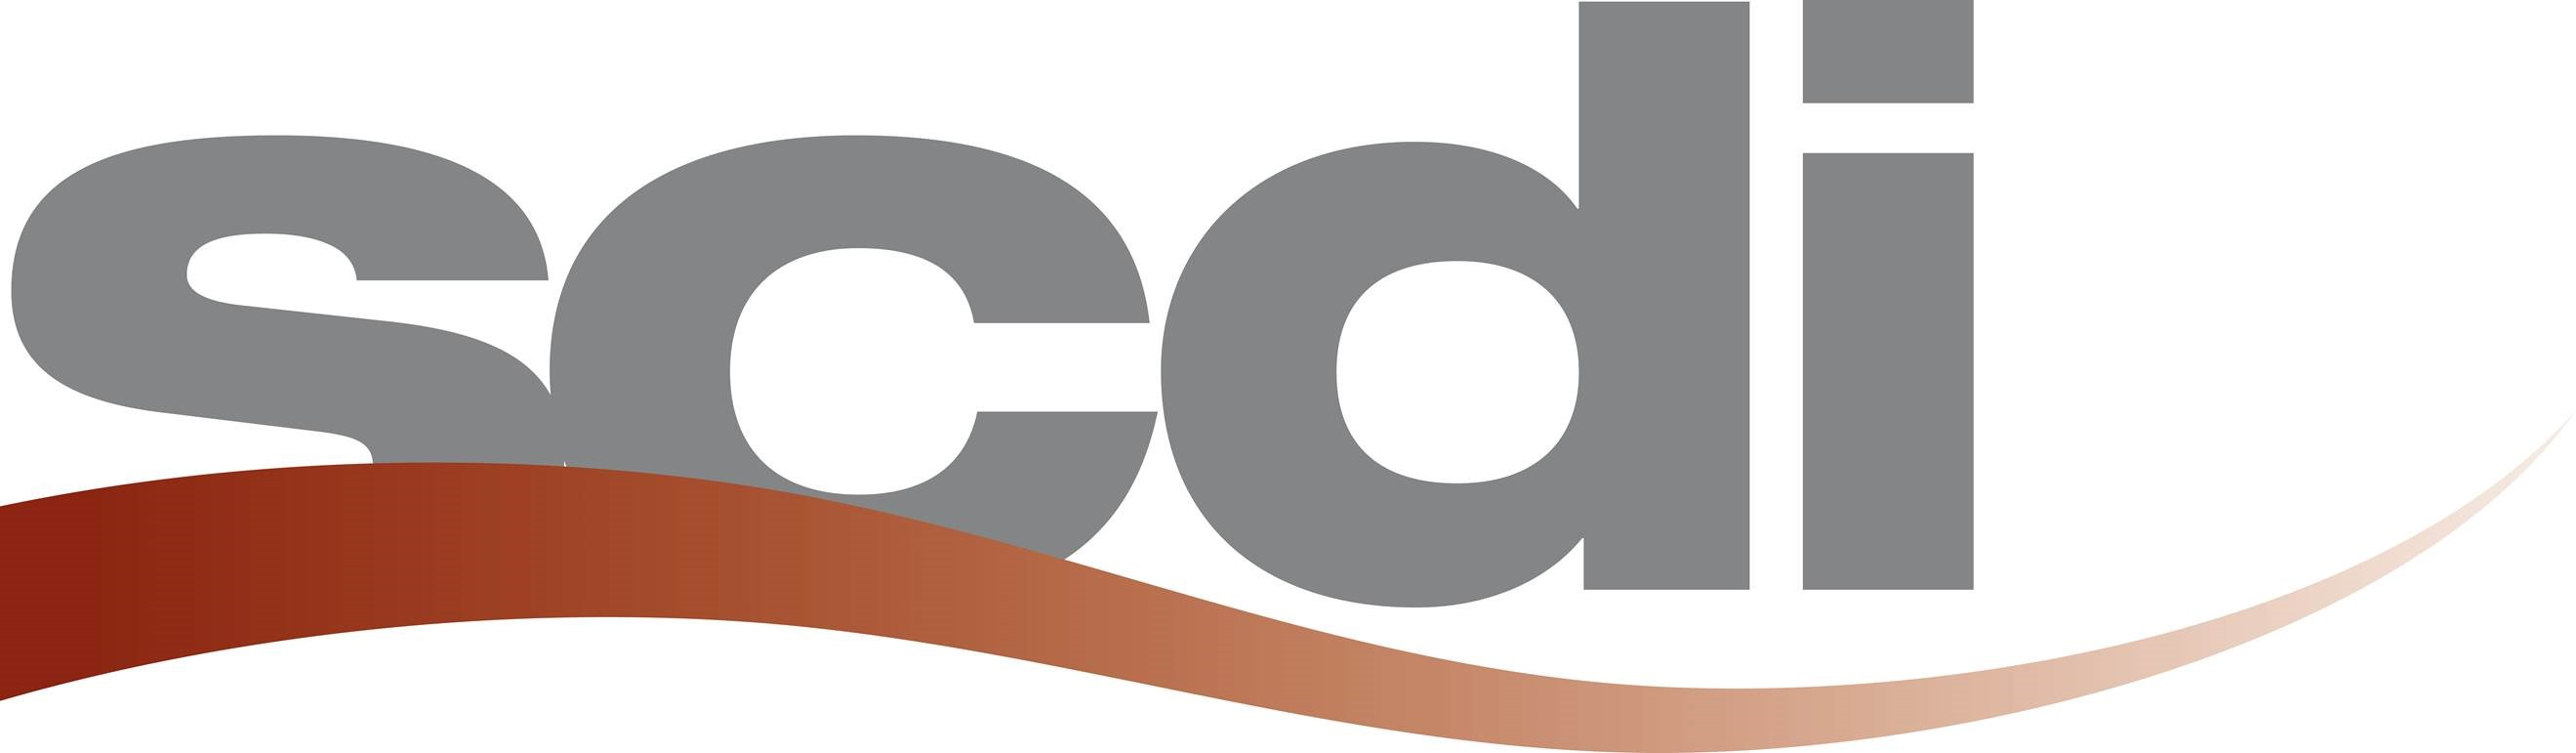 SCDI Solar SA